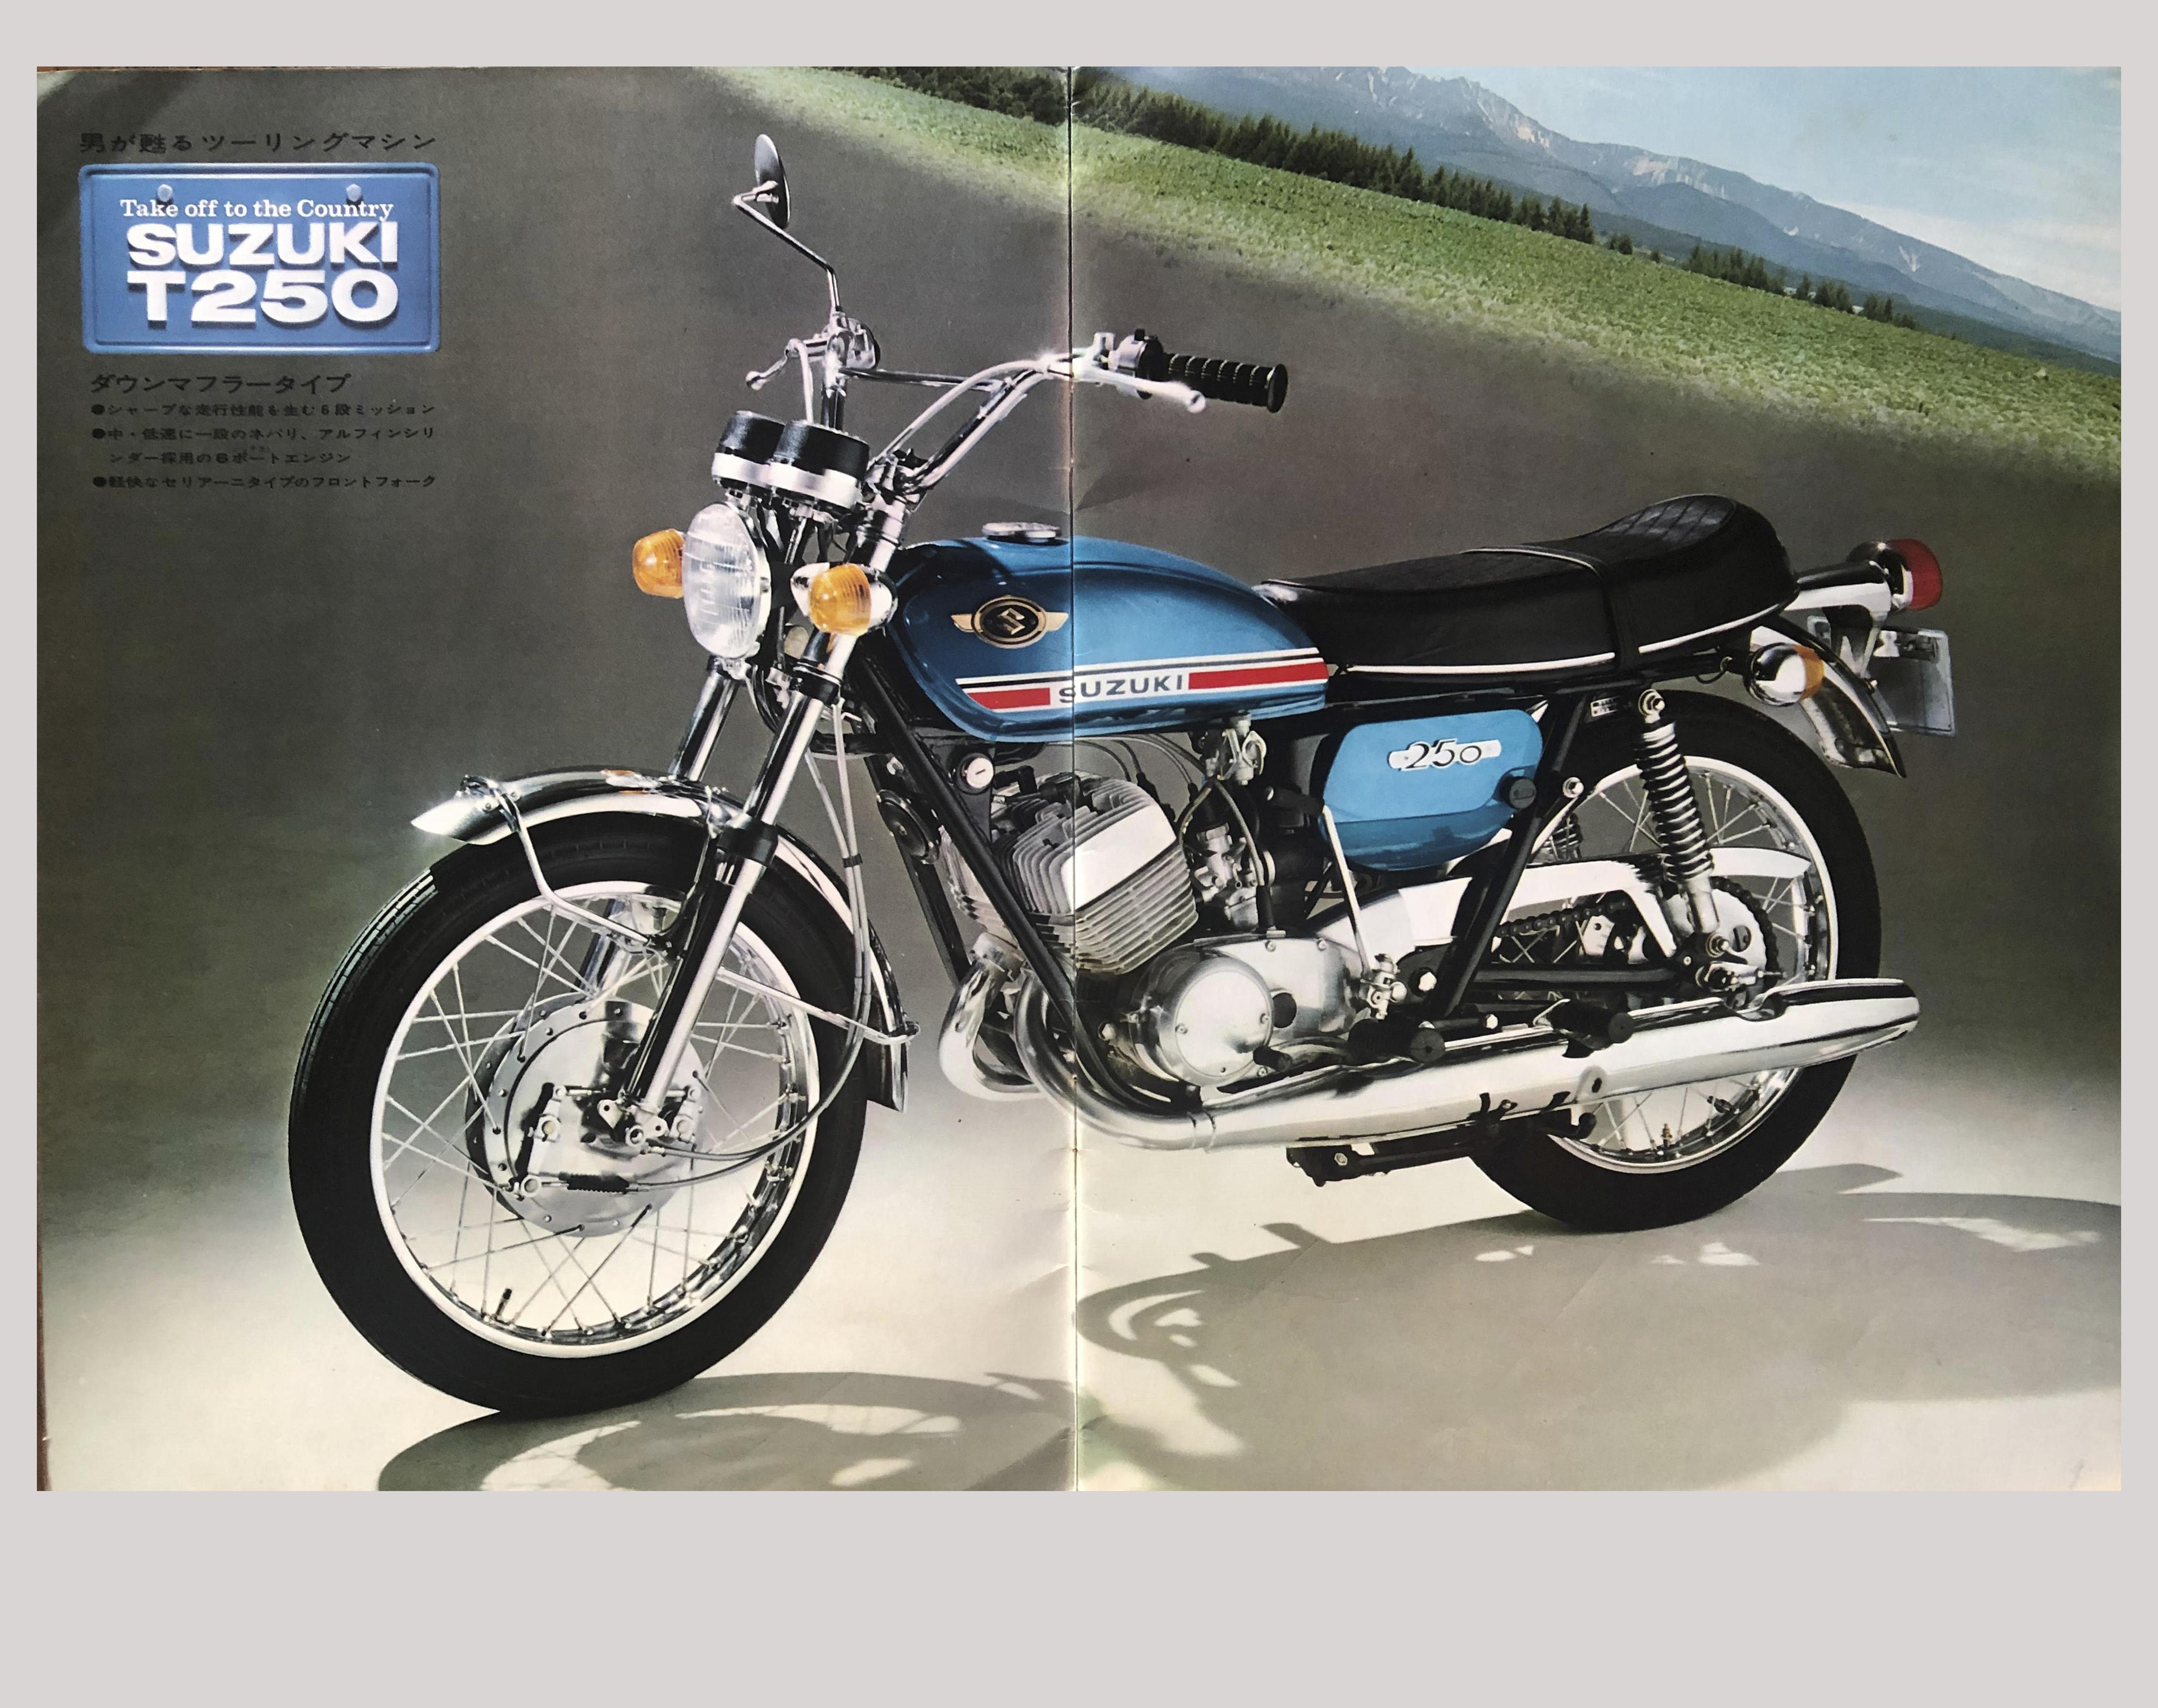 1970年 T250(ダウンマフラータイプ)